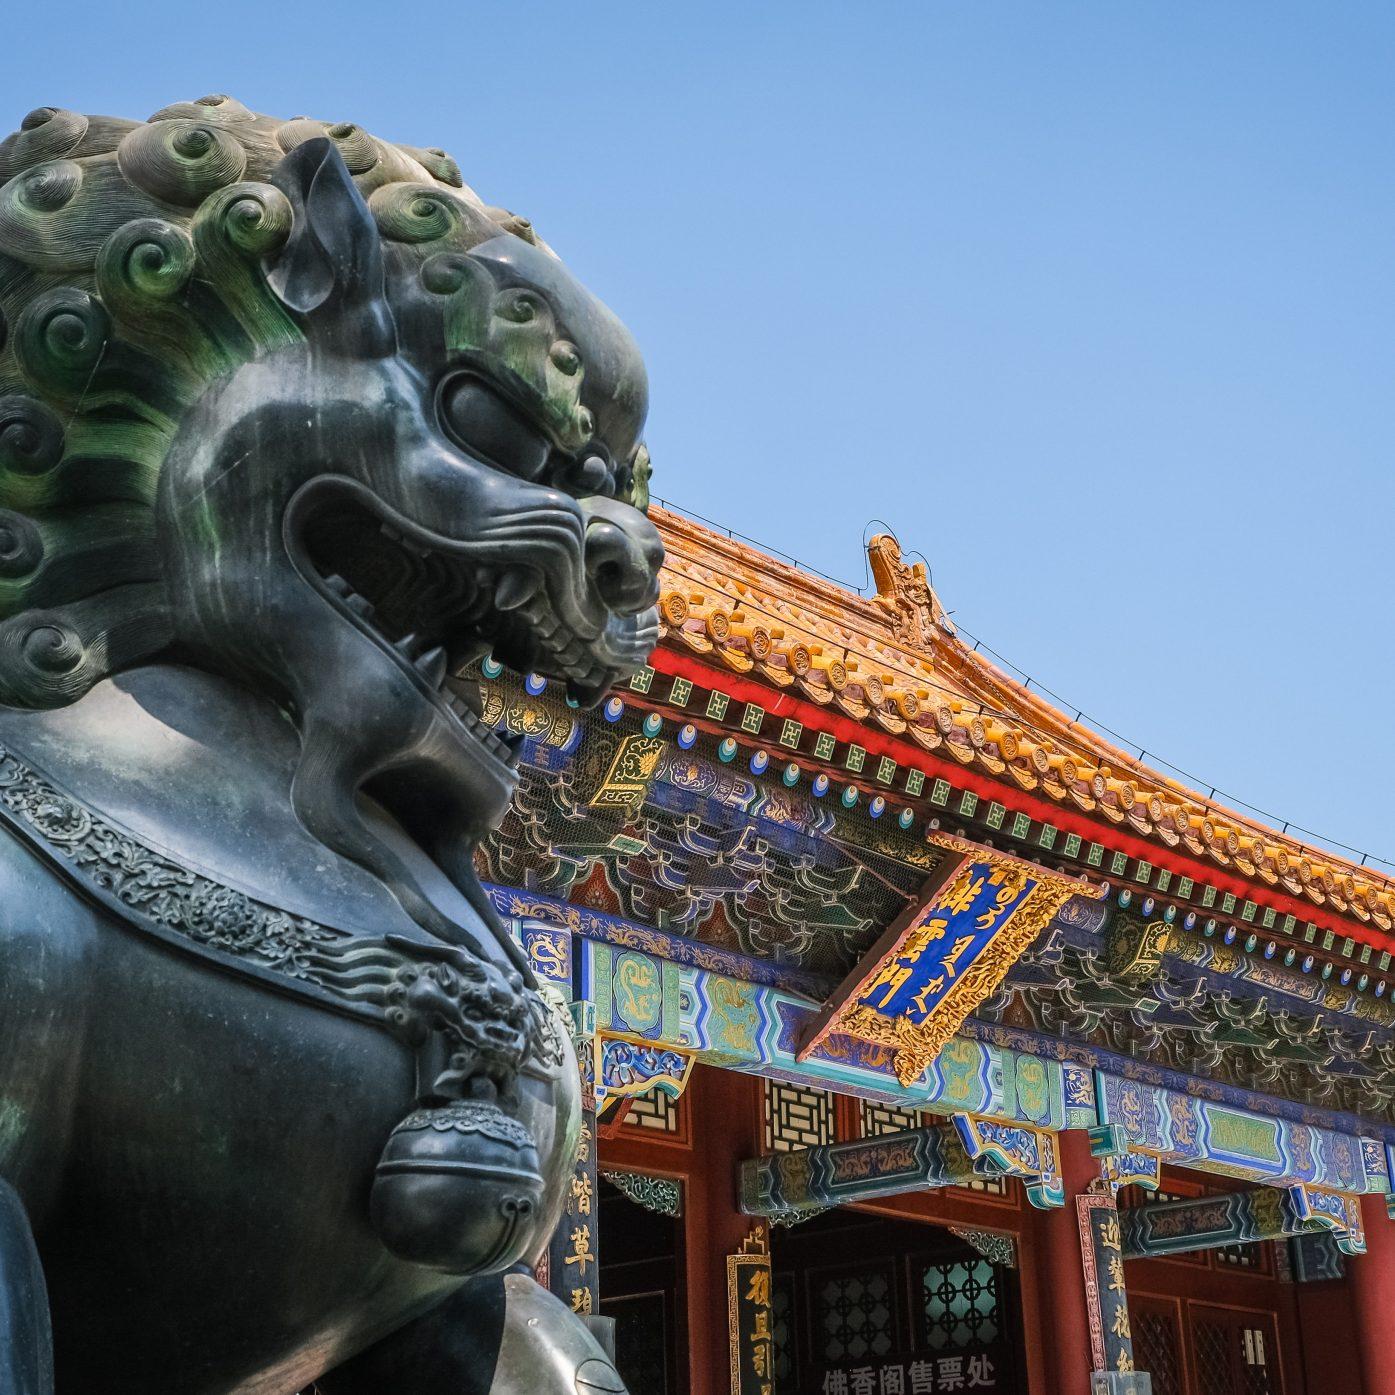 Inställningen till Kina: Den opålitlige, otrevlige och odemokratiske jätten